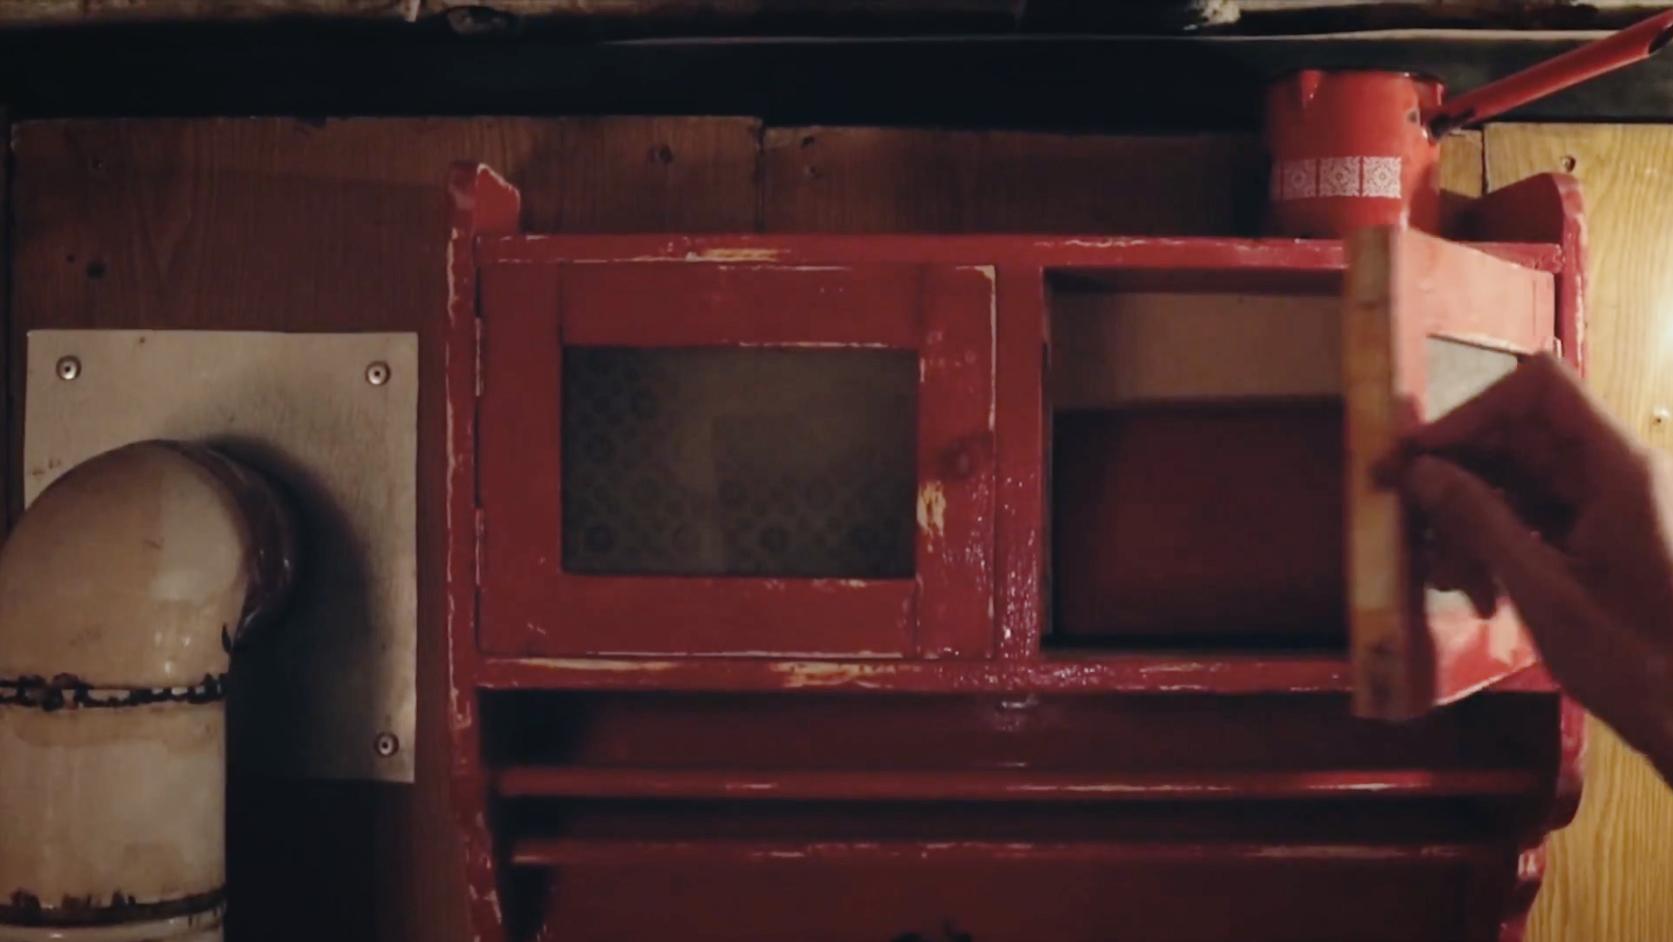 Ezt a szekrényt érdemes lesz jól megfigyelni...